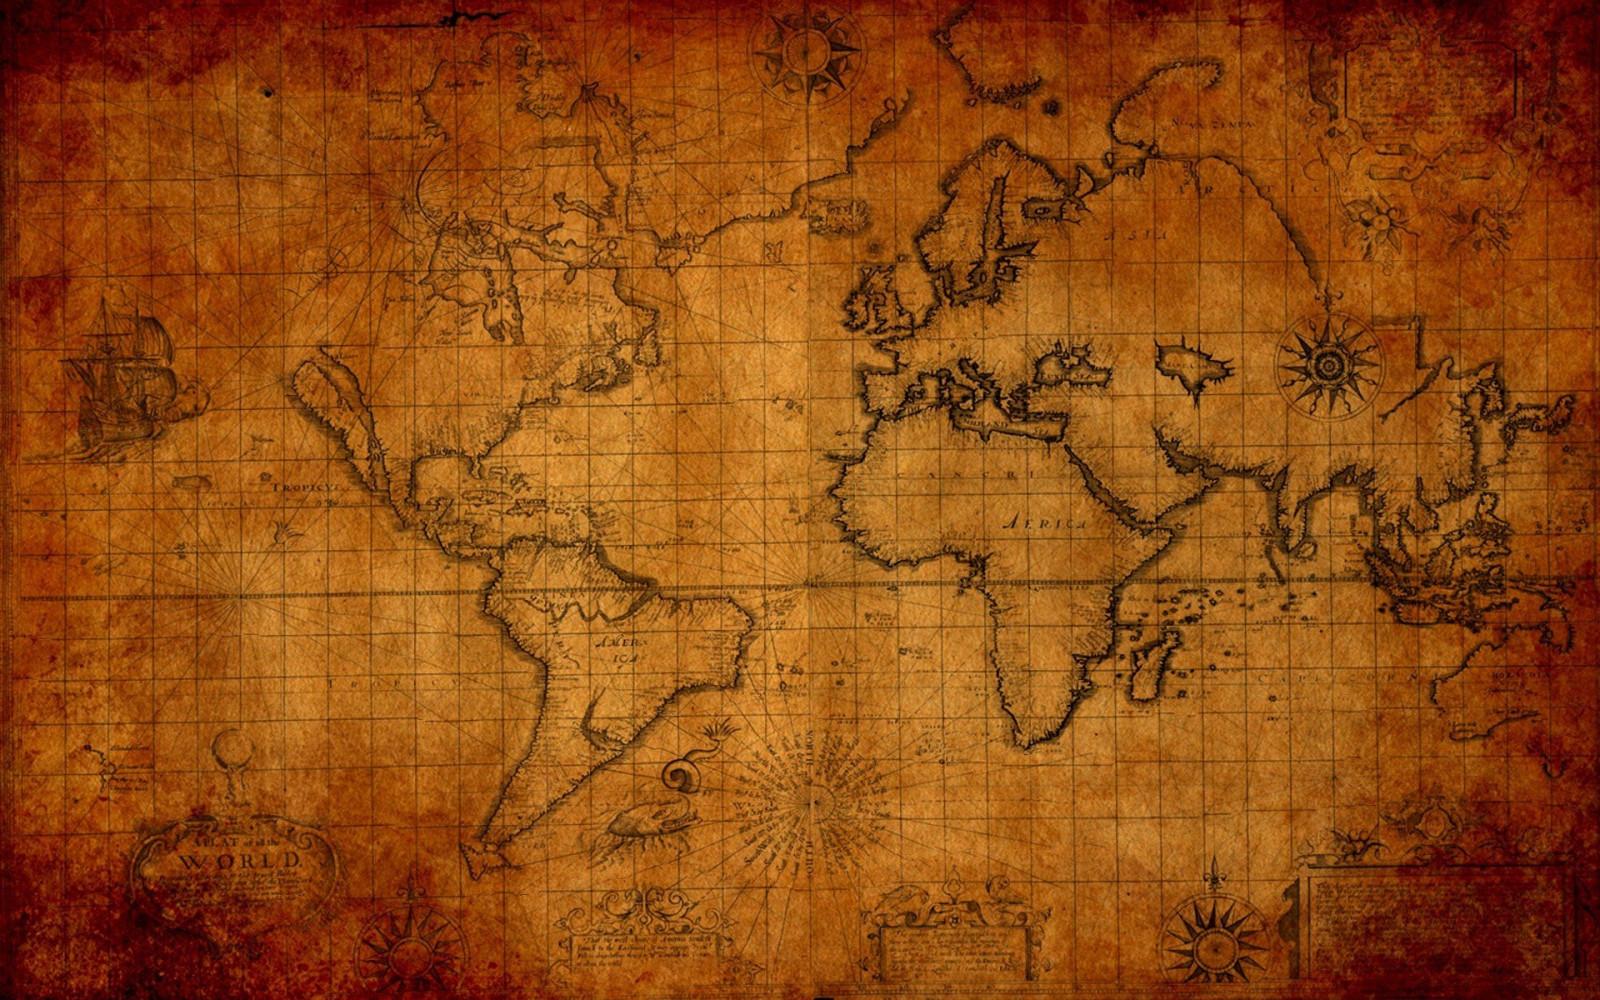 Старая карта картинка